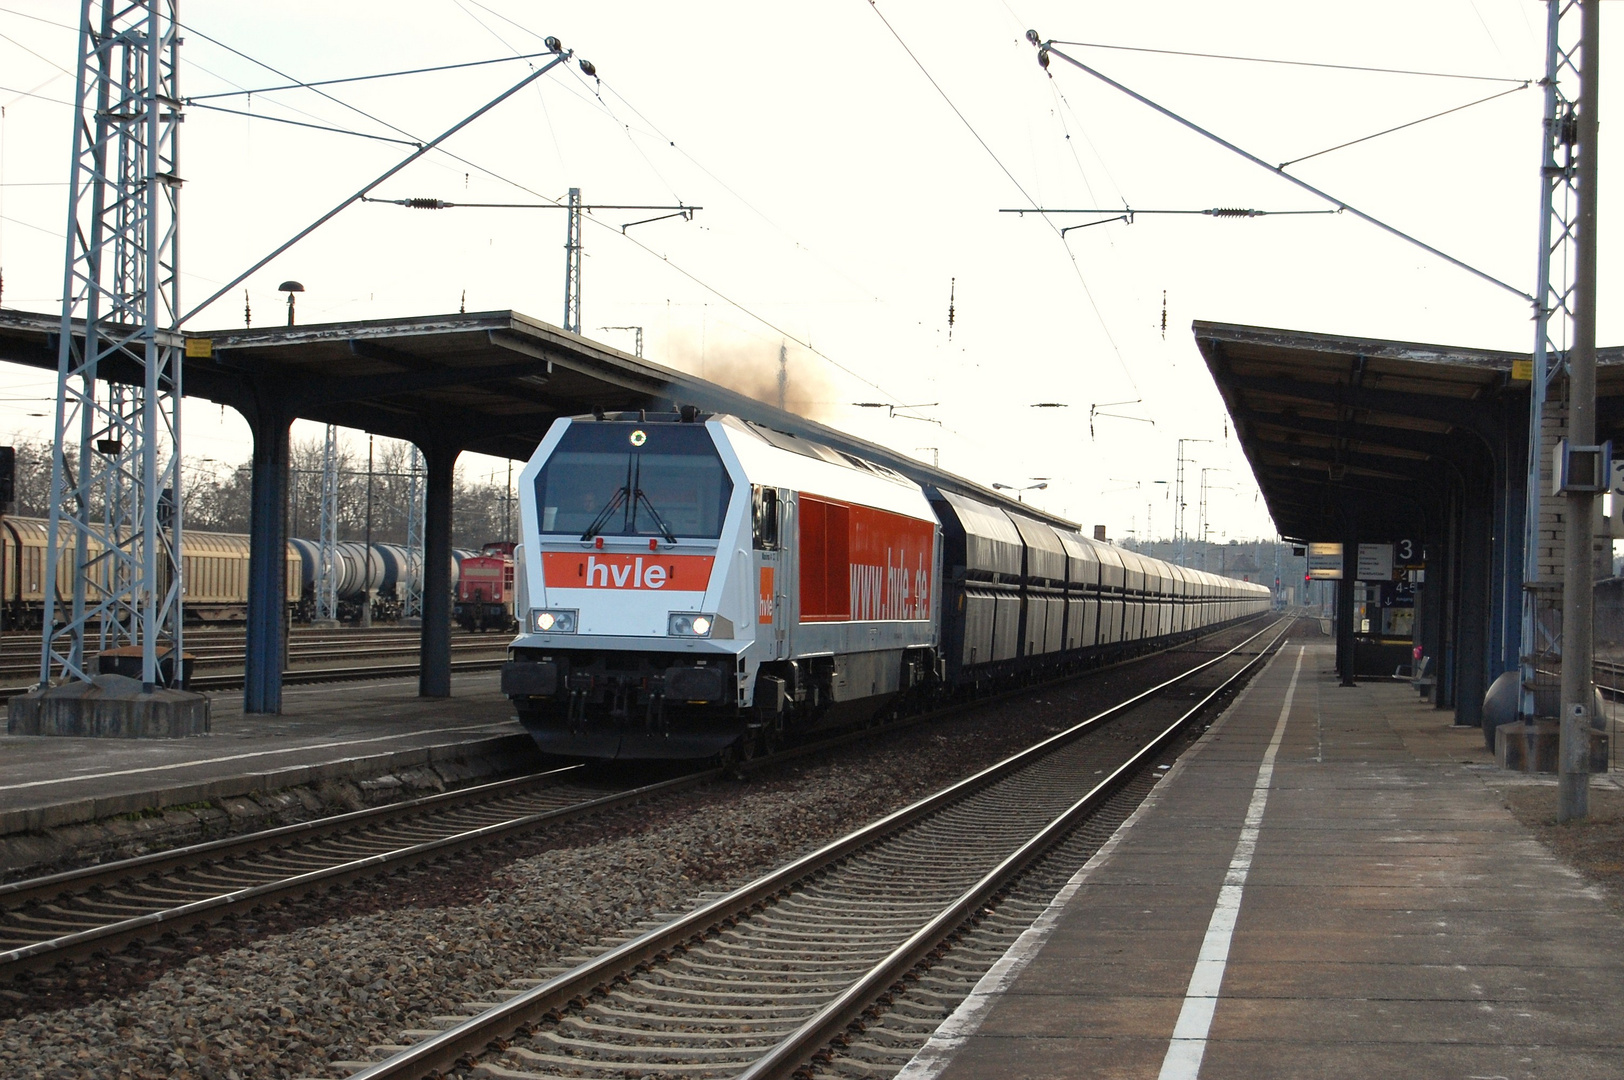 Am 19.03.2010 durchfahrt im Bahnhof Ruhland.